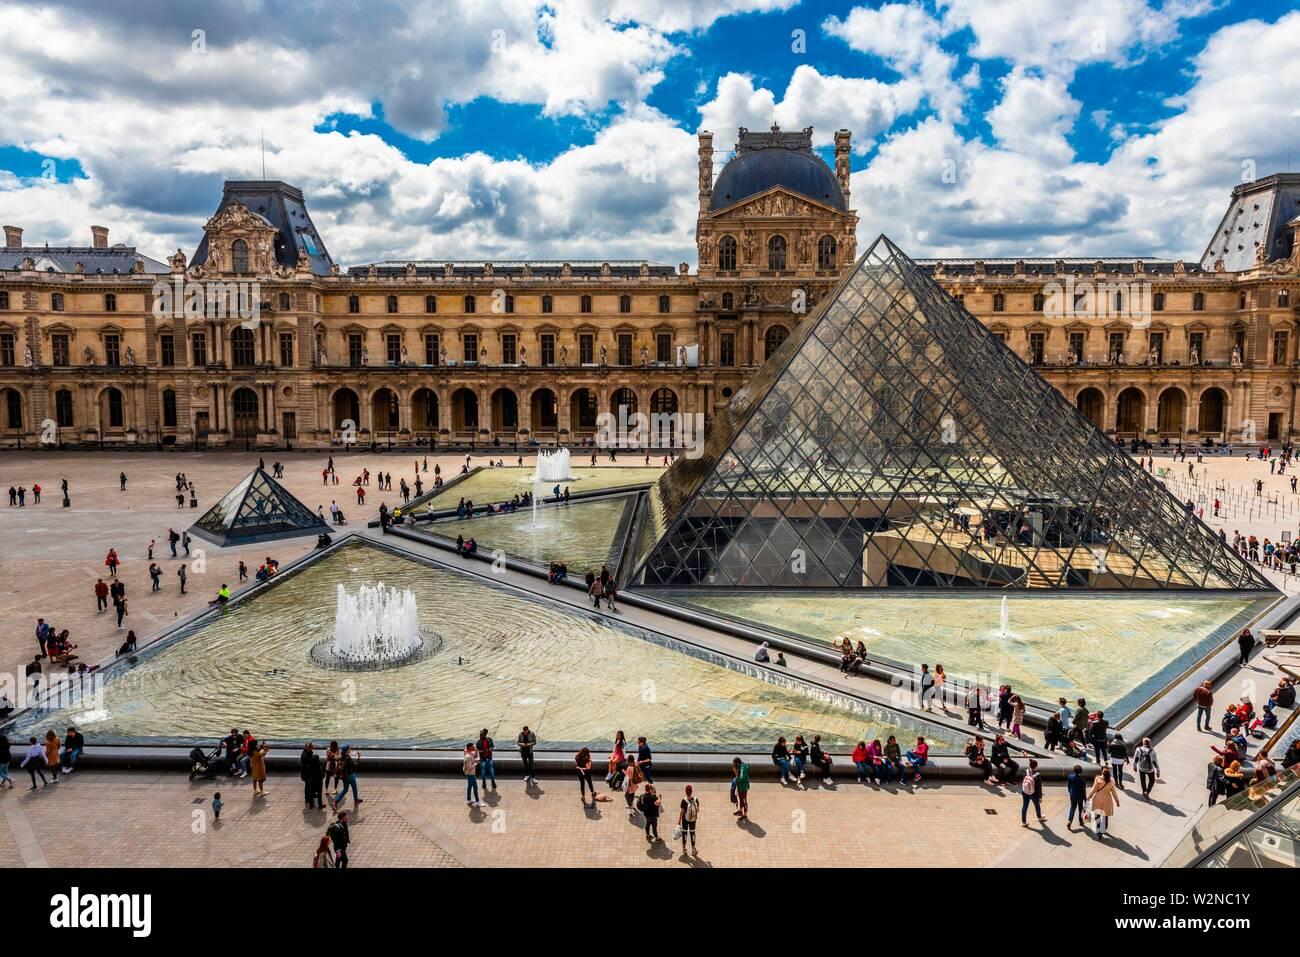 La pyramide du Louvre (Pyramide du Louvre) est une grande pyramide de verre et de métal conçu par l'architecte sino I. M. Pei, entouré par trois Banque D'Images